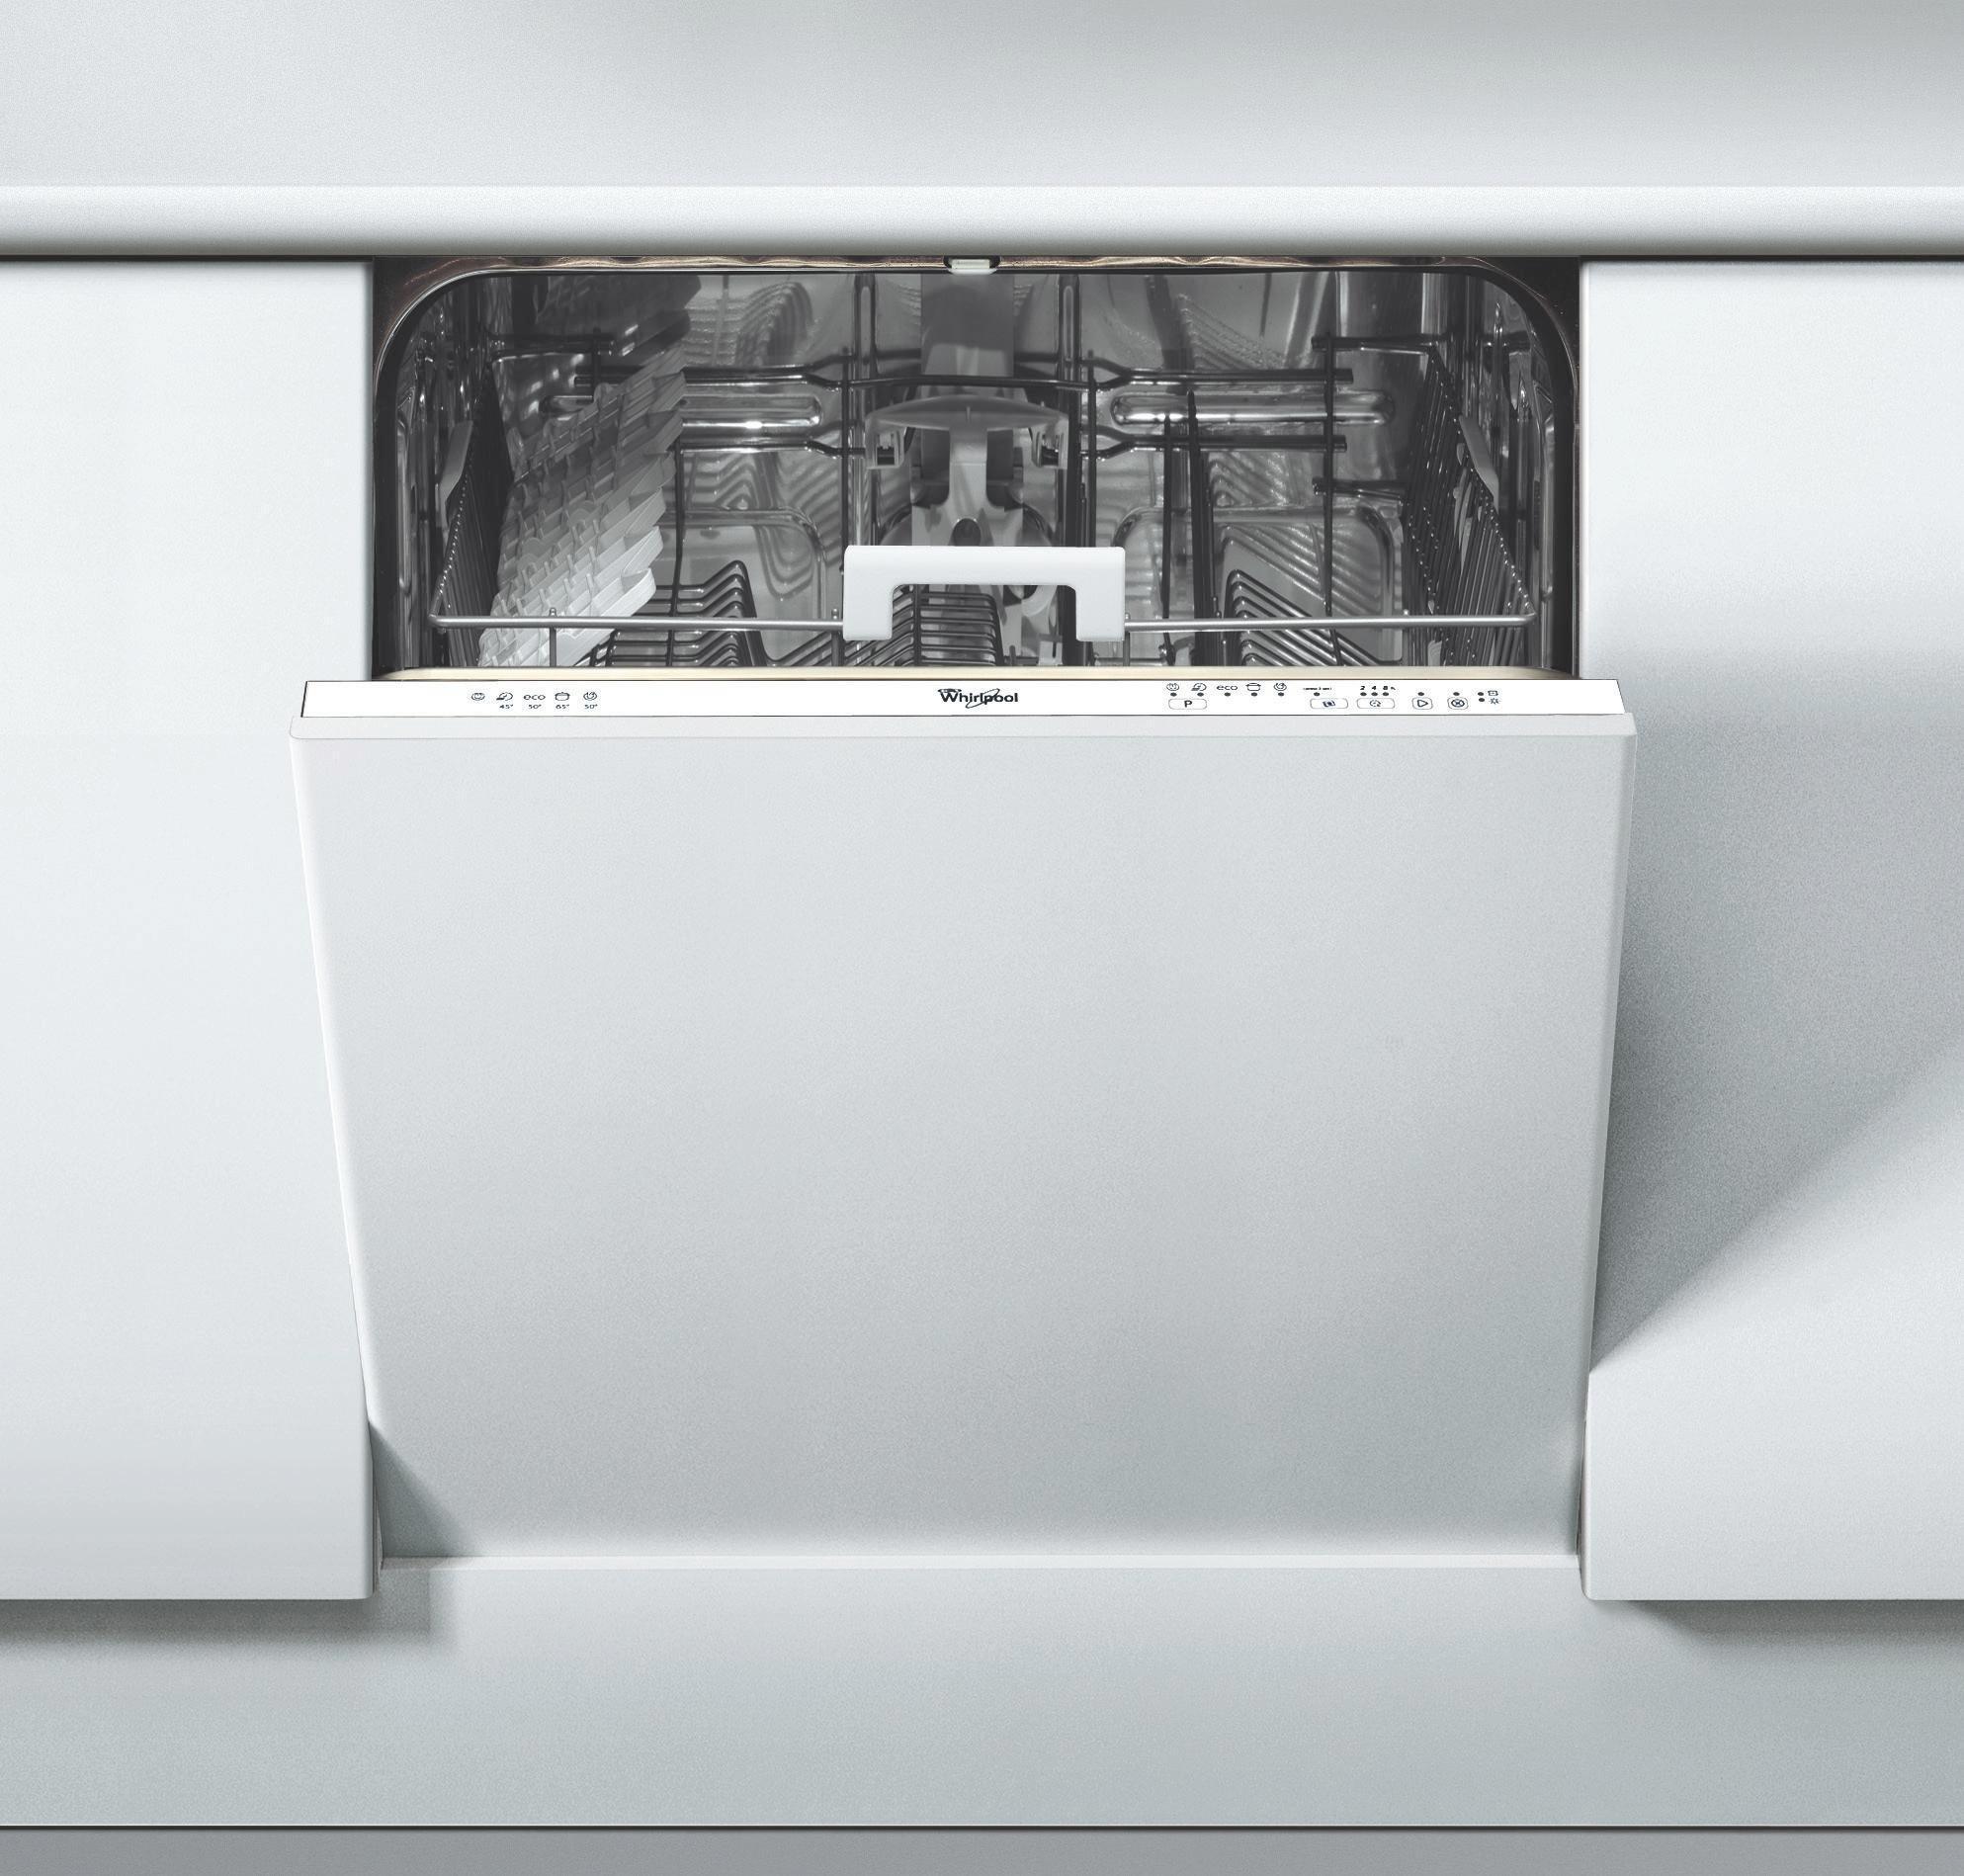 Geschirrspüler Whirlpool Adg9511a+, EEZ A+ - MODERN (59,7/82/55,5cm) - WHIRLPOOL